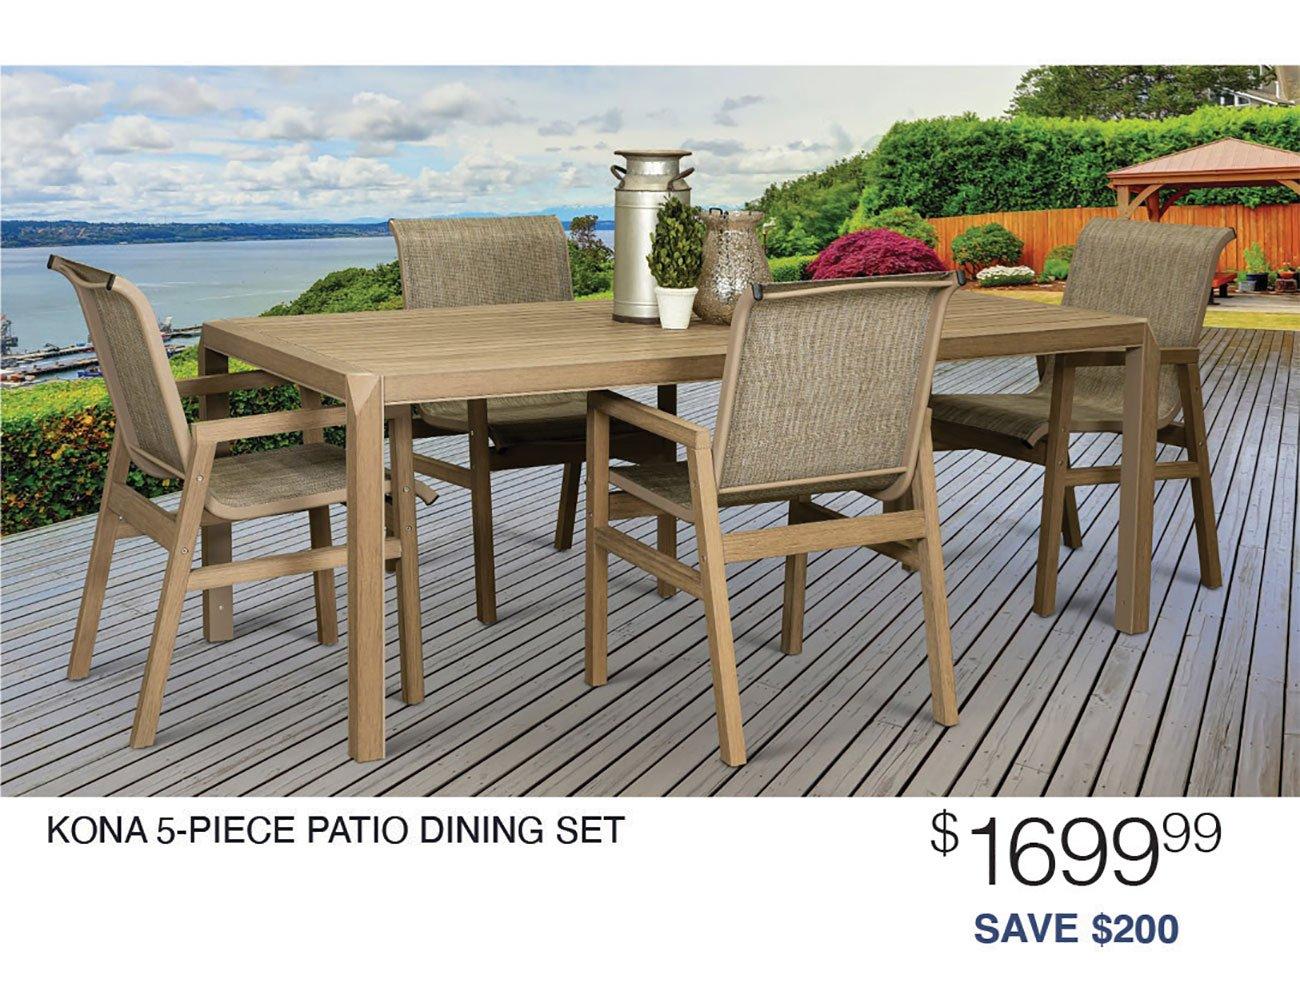 Kona-Patio-Dining-Seat